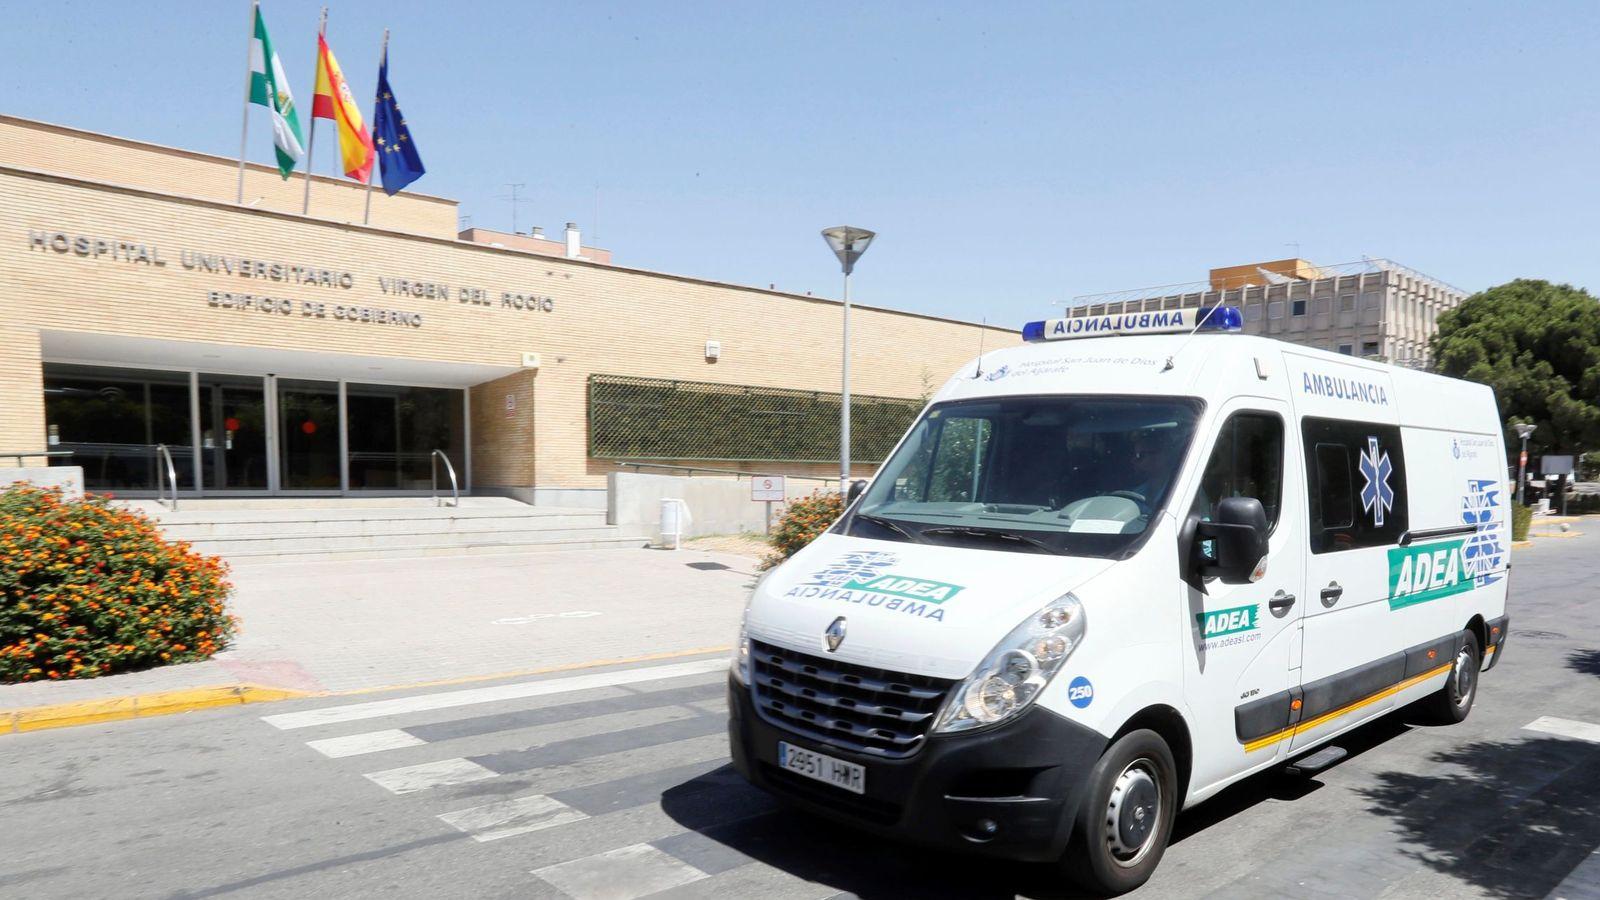 Foto: El hospital Virgen del Rocío de Sevilla donde ha fallecido de una anciana de 90 años. (EFE)